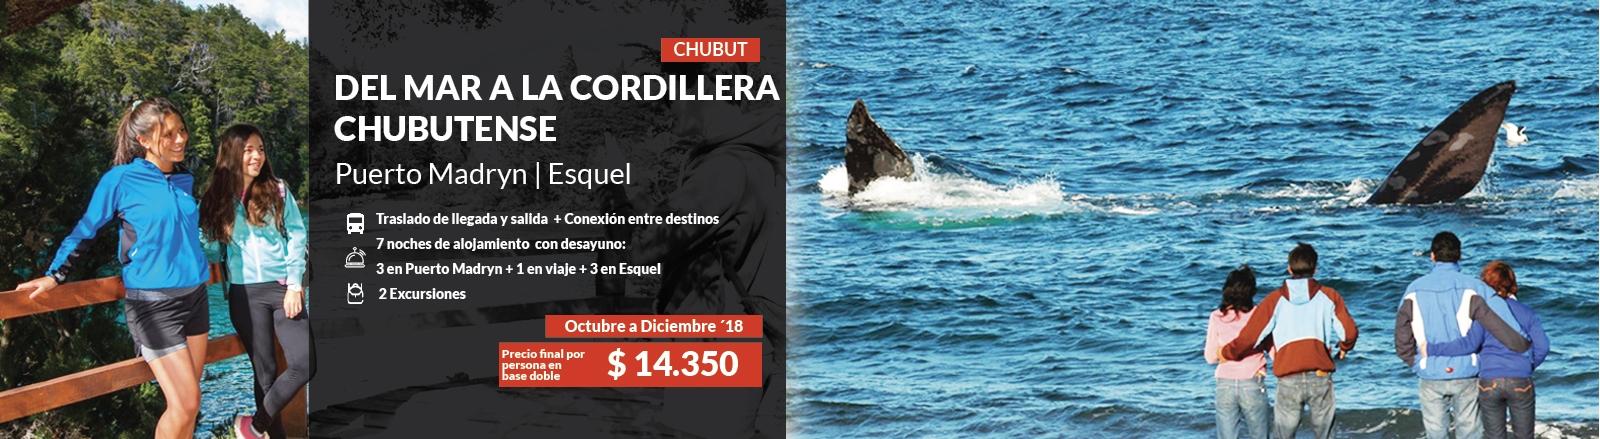 Del Mar a la Cordillera Chubutense